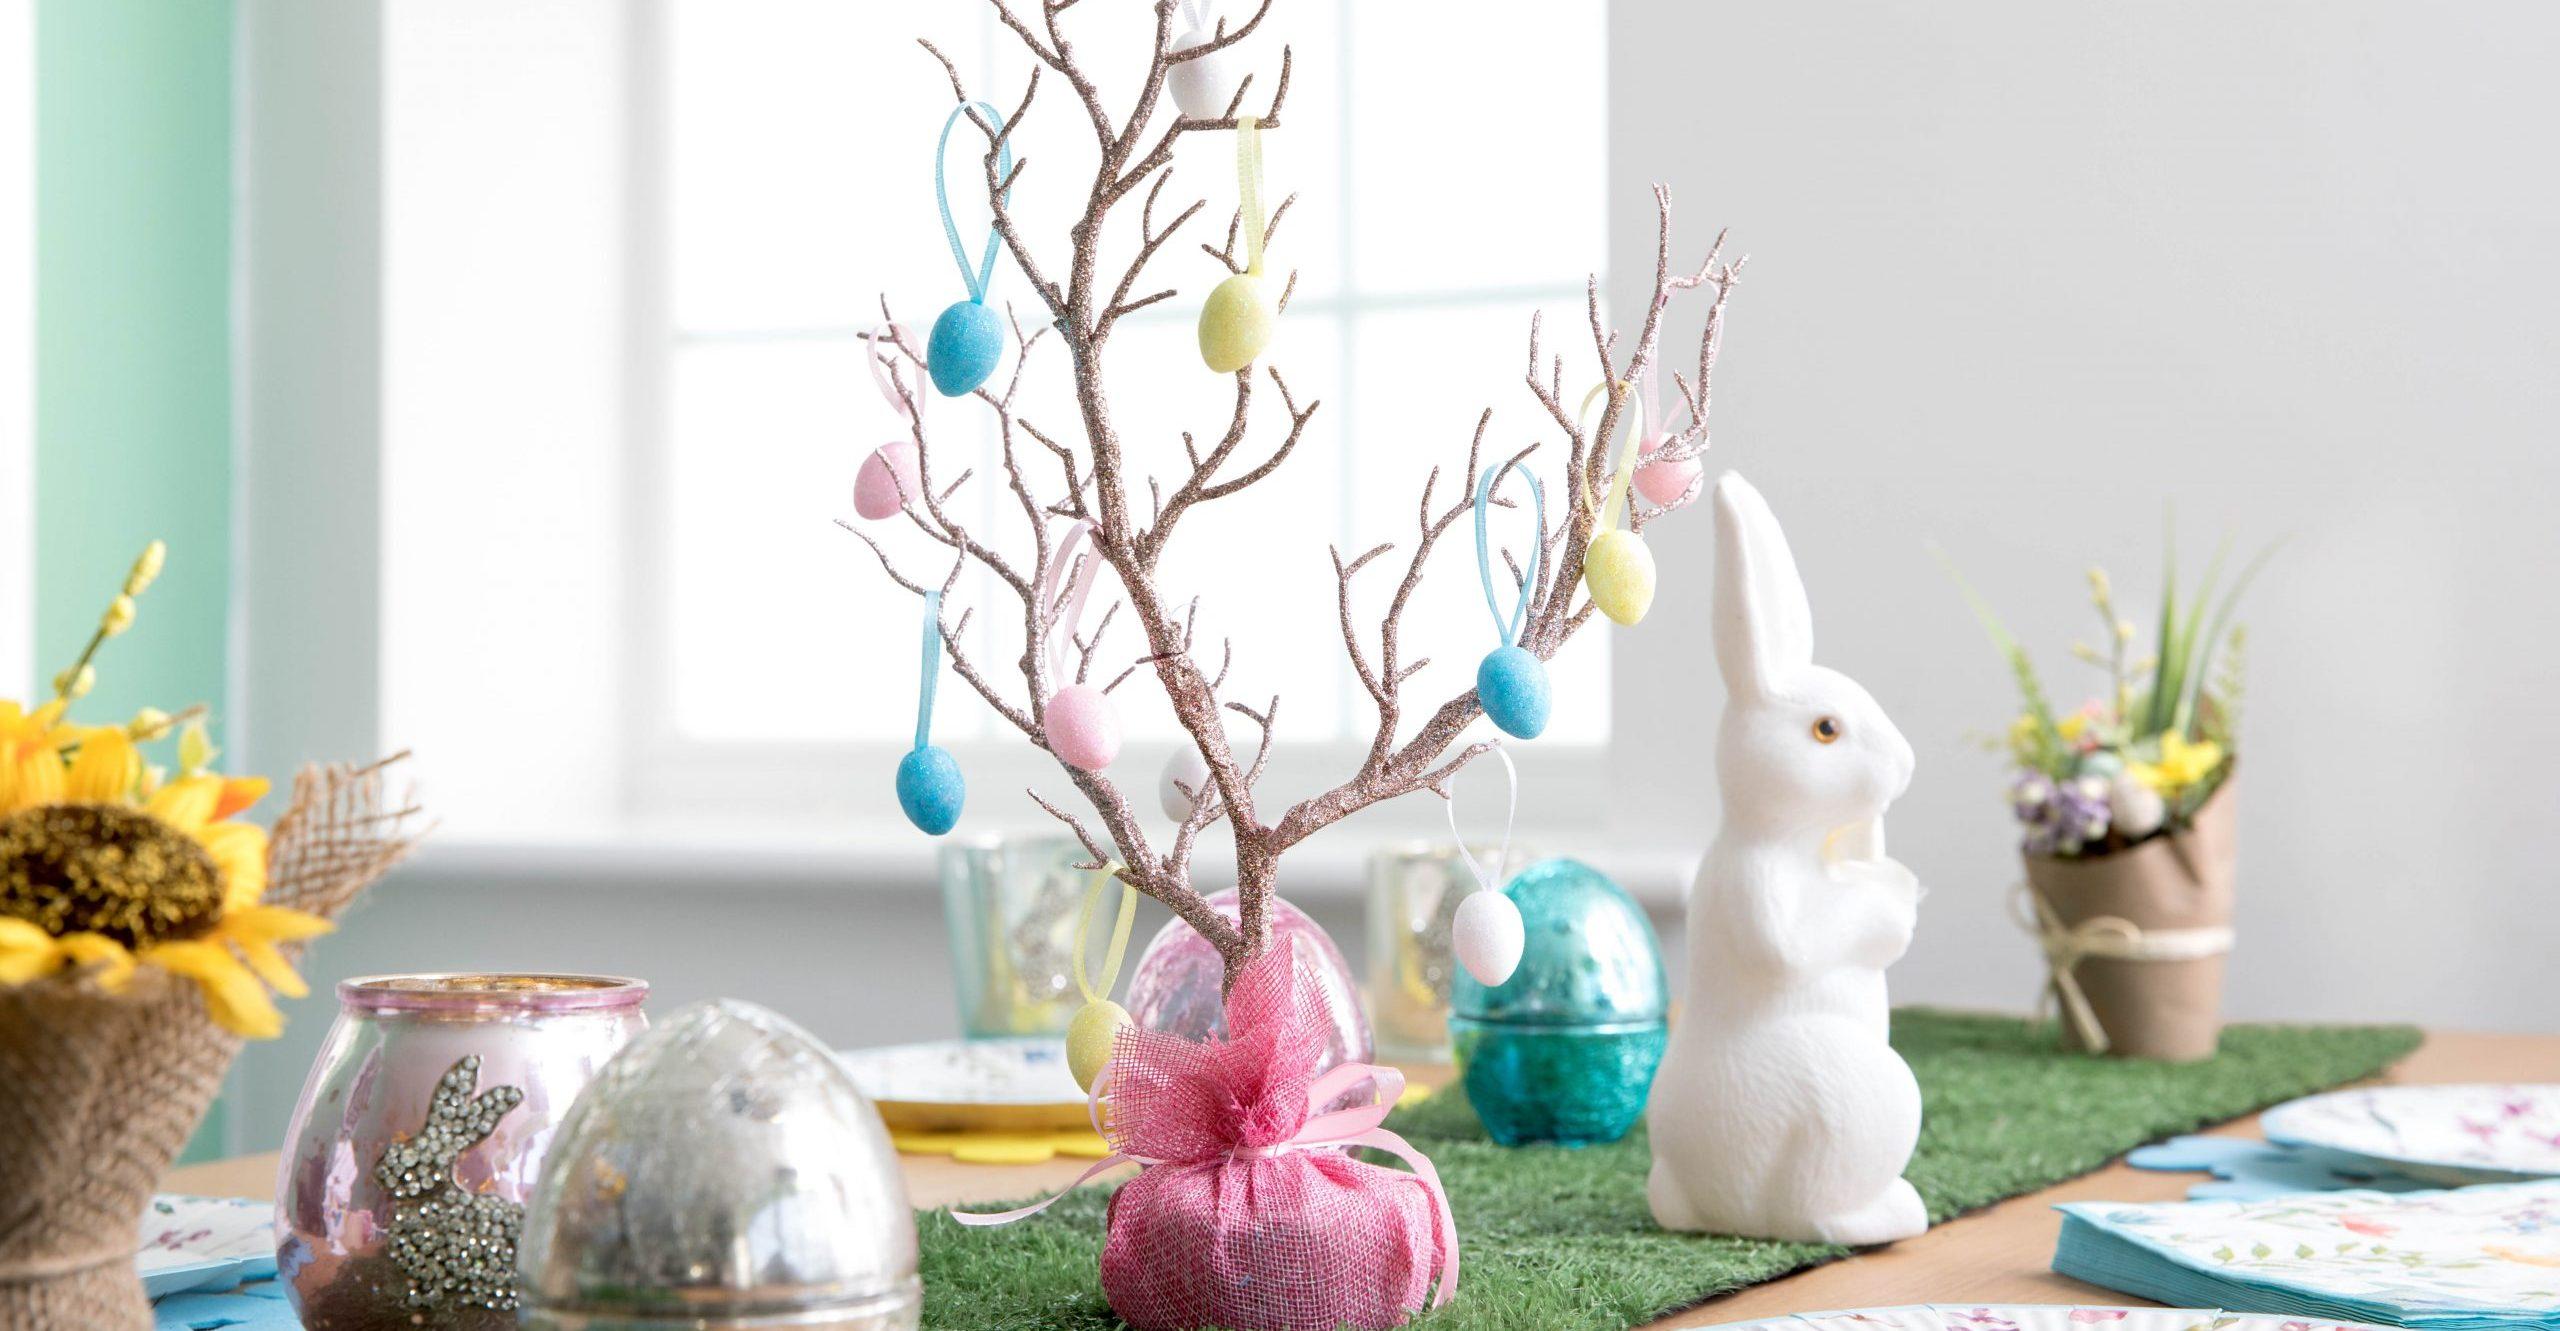 Easter Range %40 Poundland lifestyle poundland.co .uk 6 scaled e1583946880864